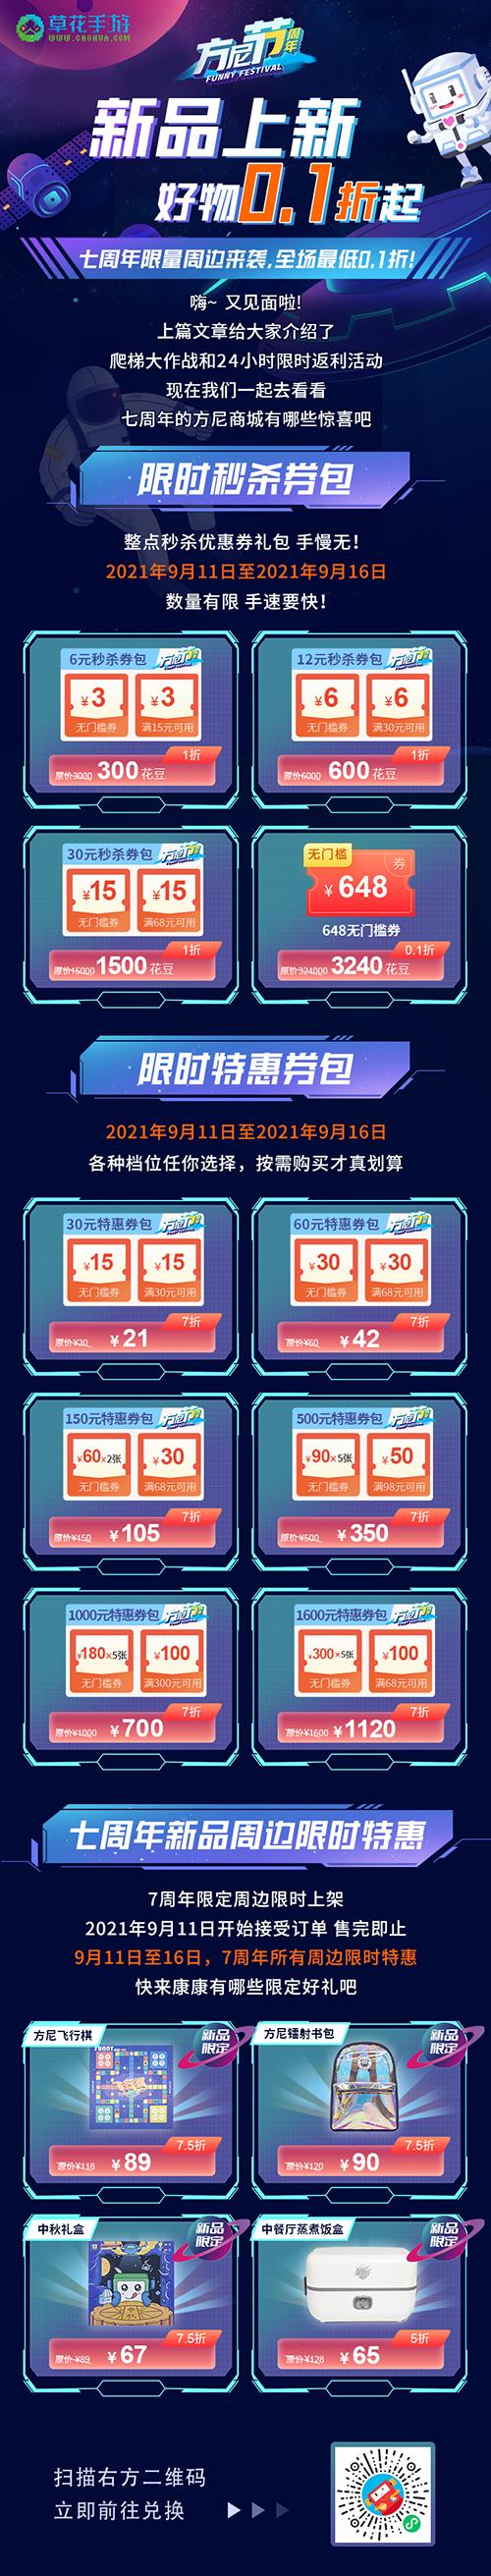 商城特惠wenzhang.png